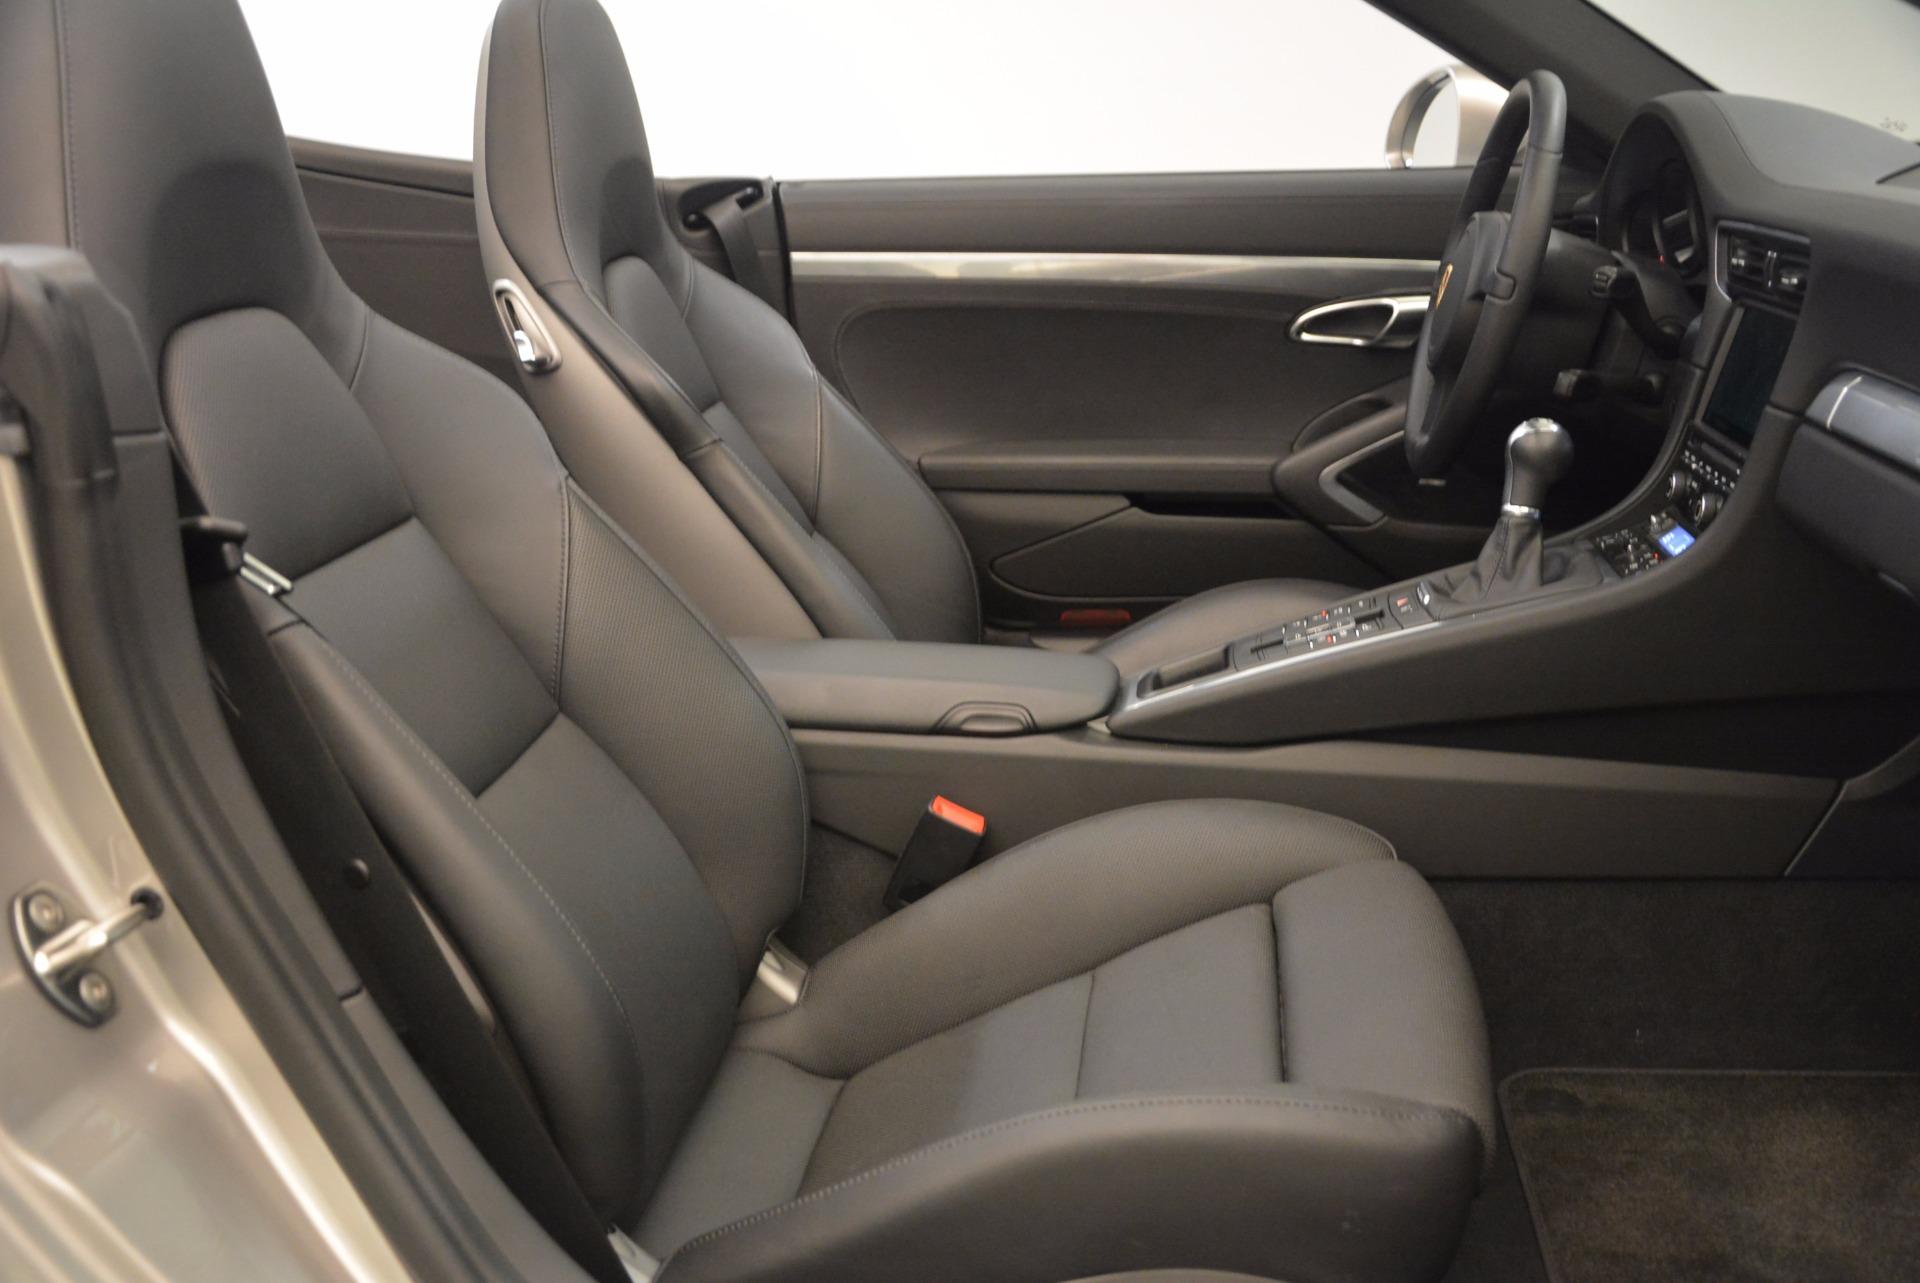 Used 2012 Porsche 911 Carrera S For Sale In Greenwich, CT 1790_p30